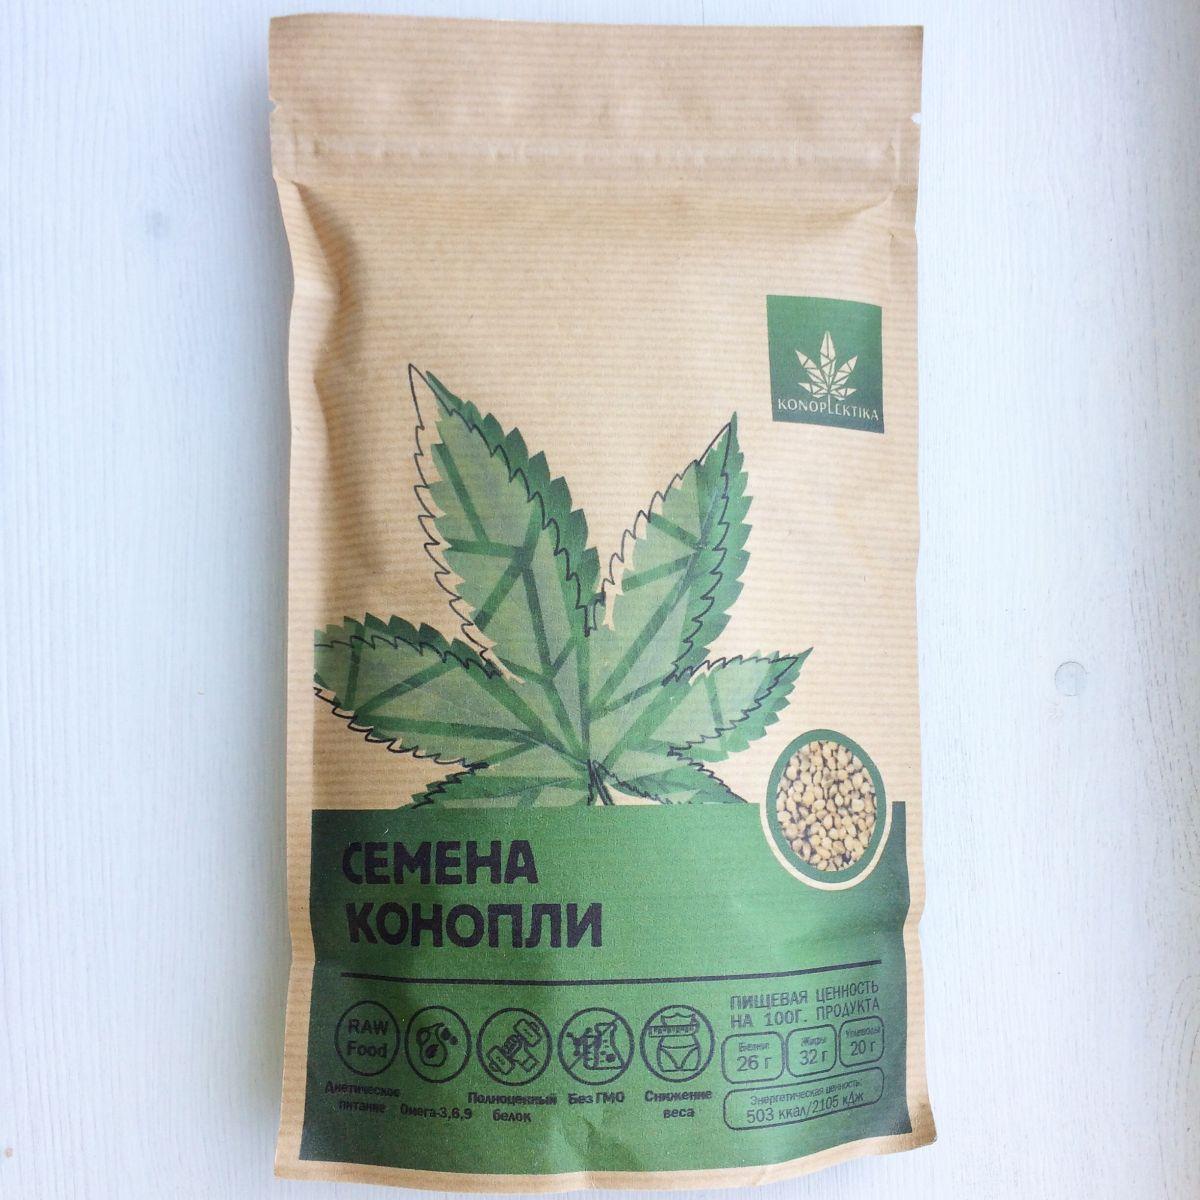 Семена конопли спб курьером марихуана заменить